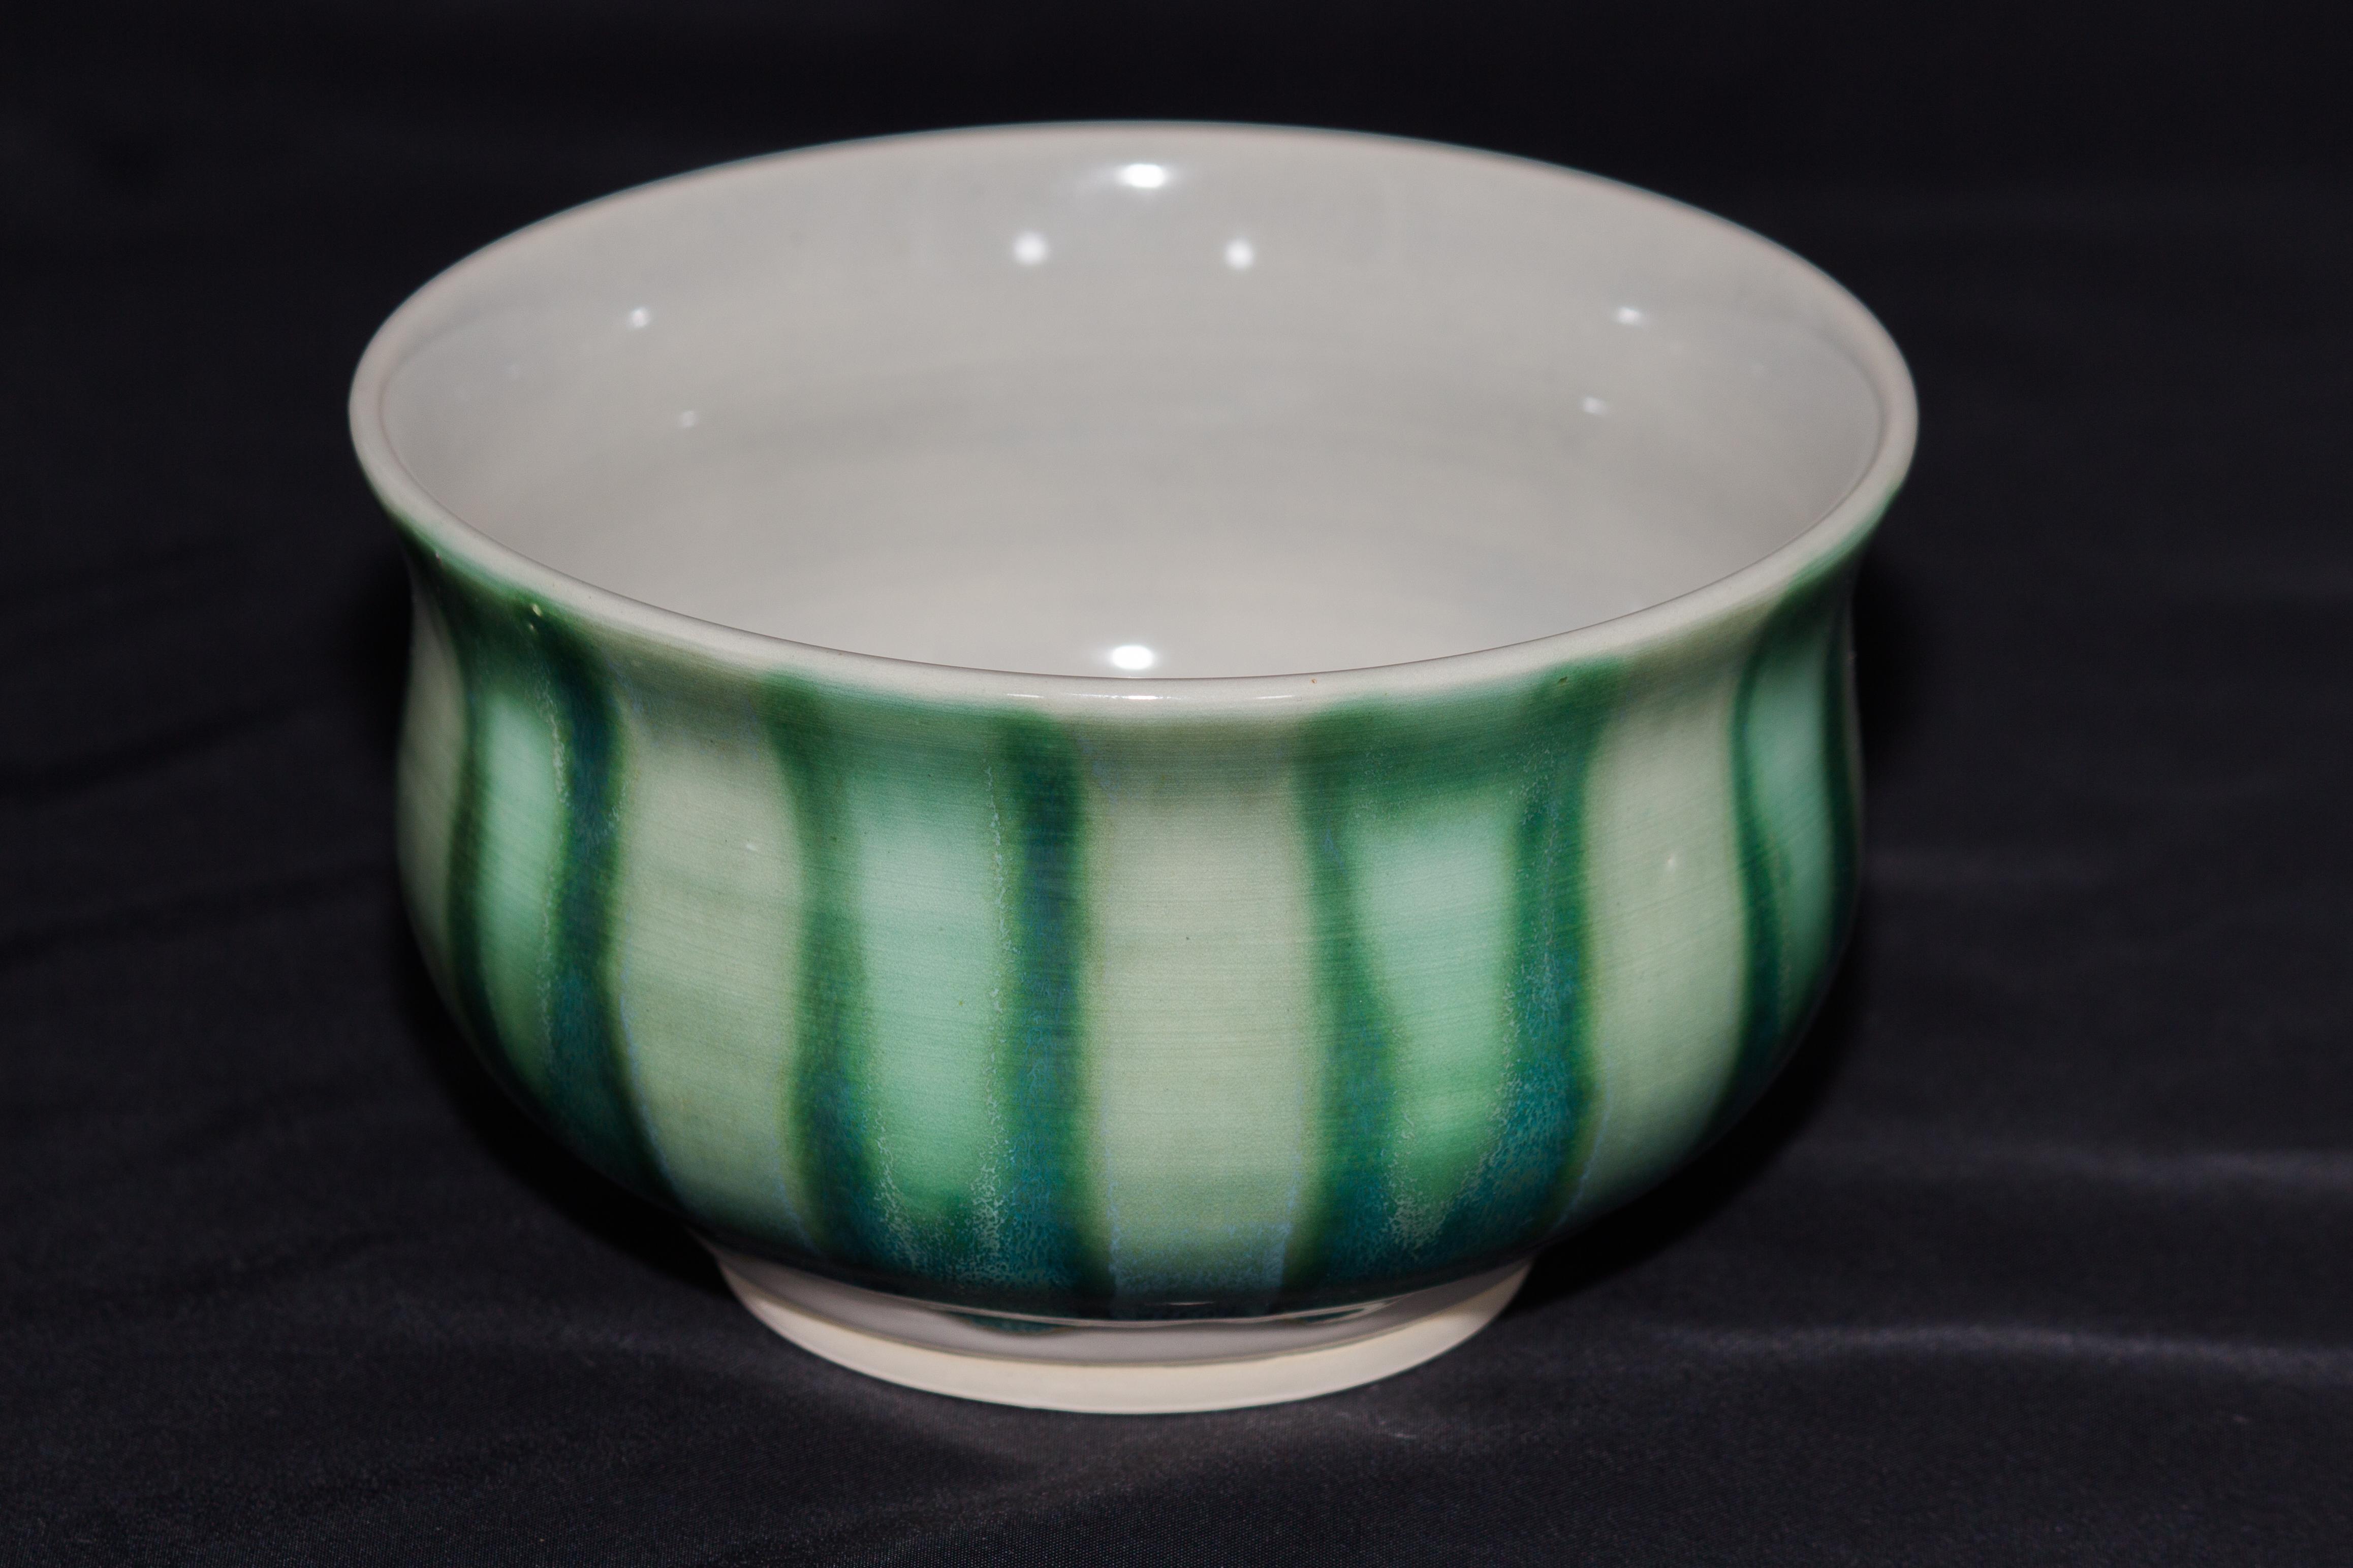 6 inch bowl